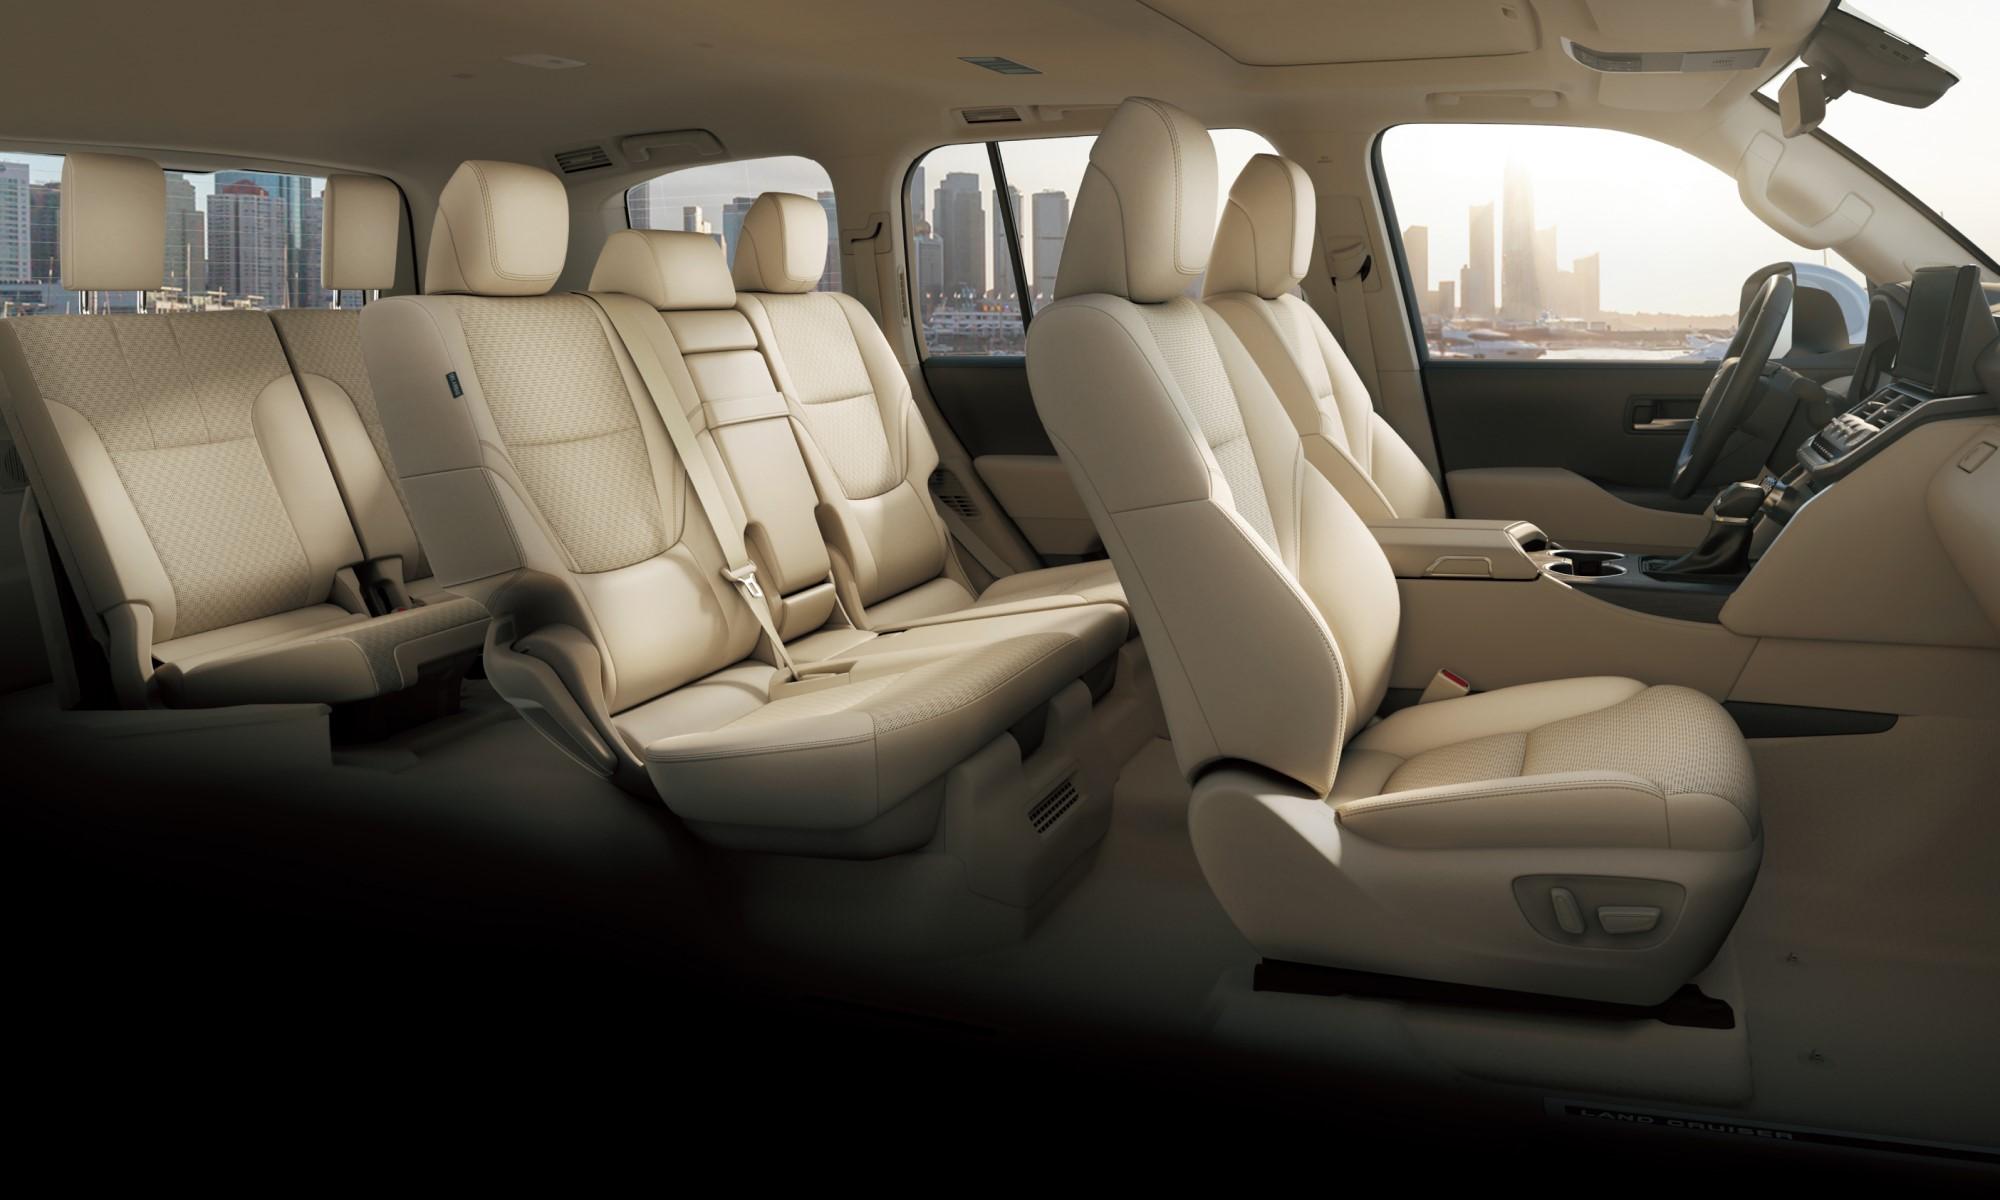 Toyota Land Cruiser 300 cabin